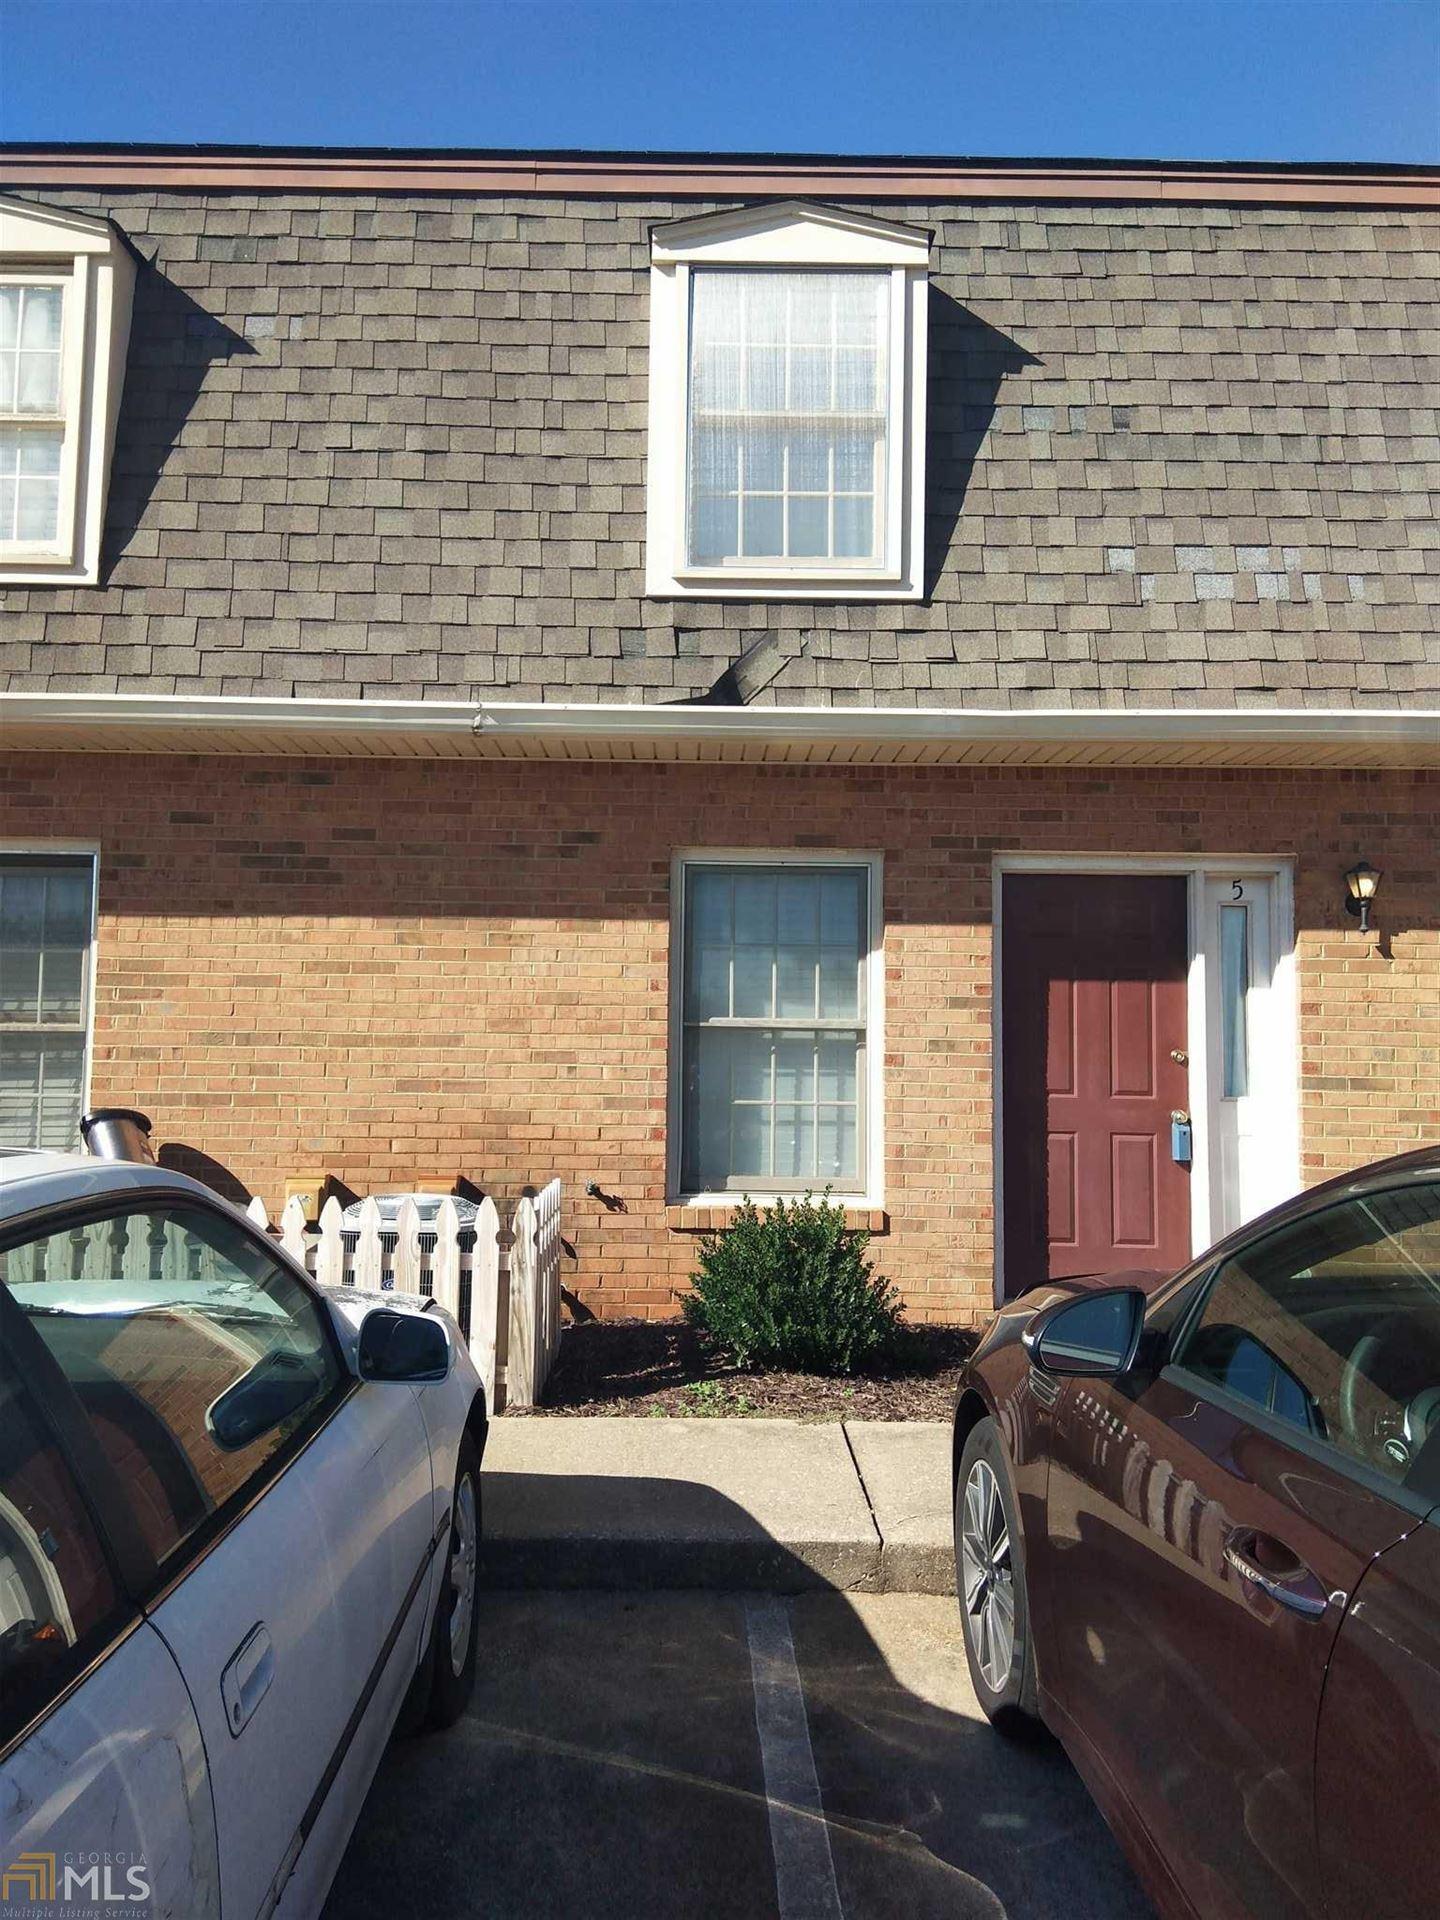 3730 Old Flowery Branch Rd, Oakwood, GA 30566 - #: 8883137